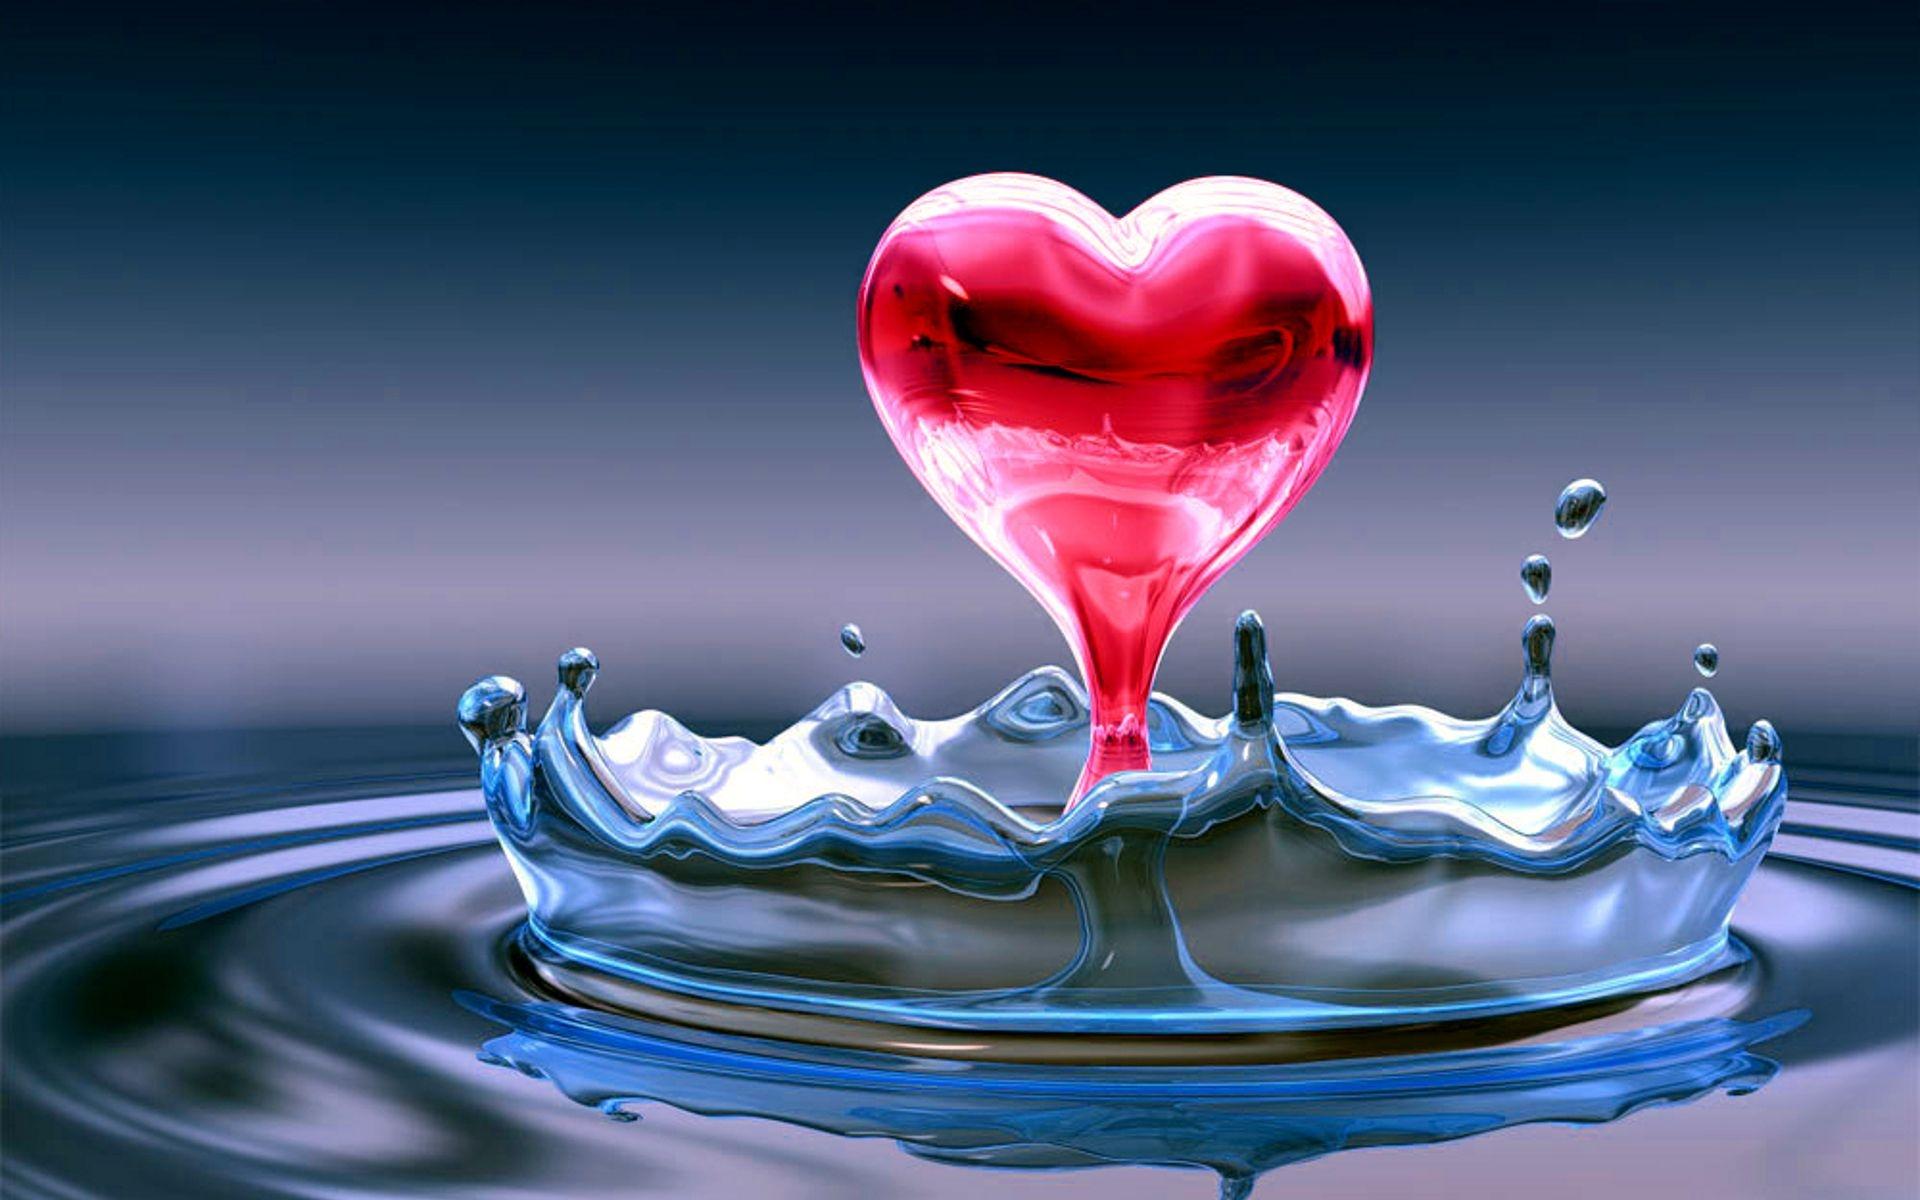 3D Herz Handy Logo, Kostenlose Hintergrundbild Auf Deine Handy in Herz Bilder Kostenlos Herunterladen